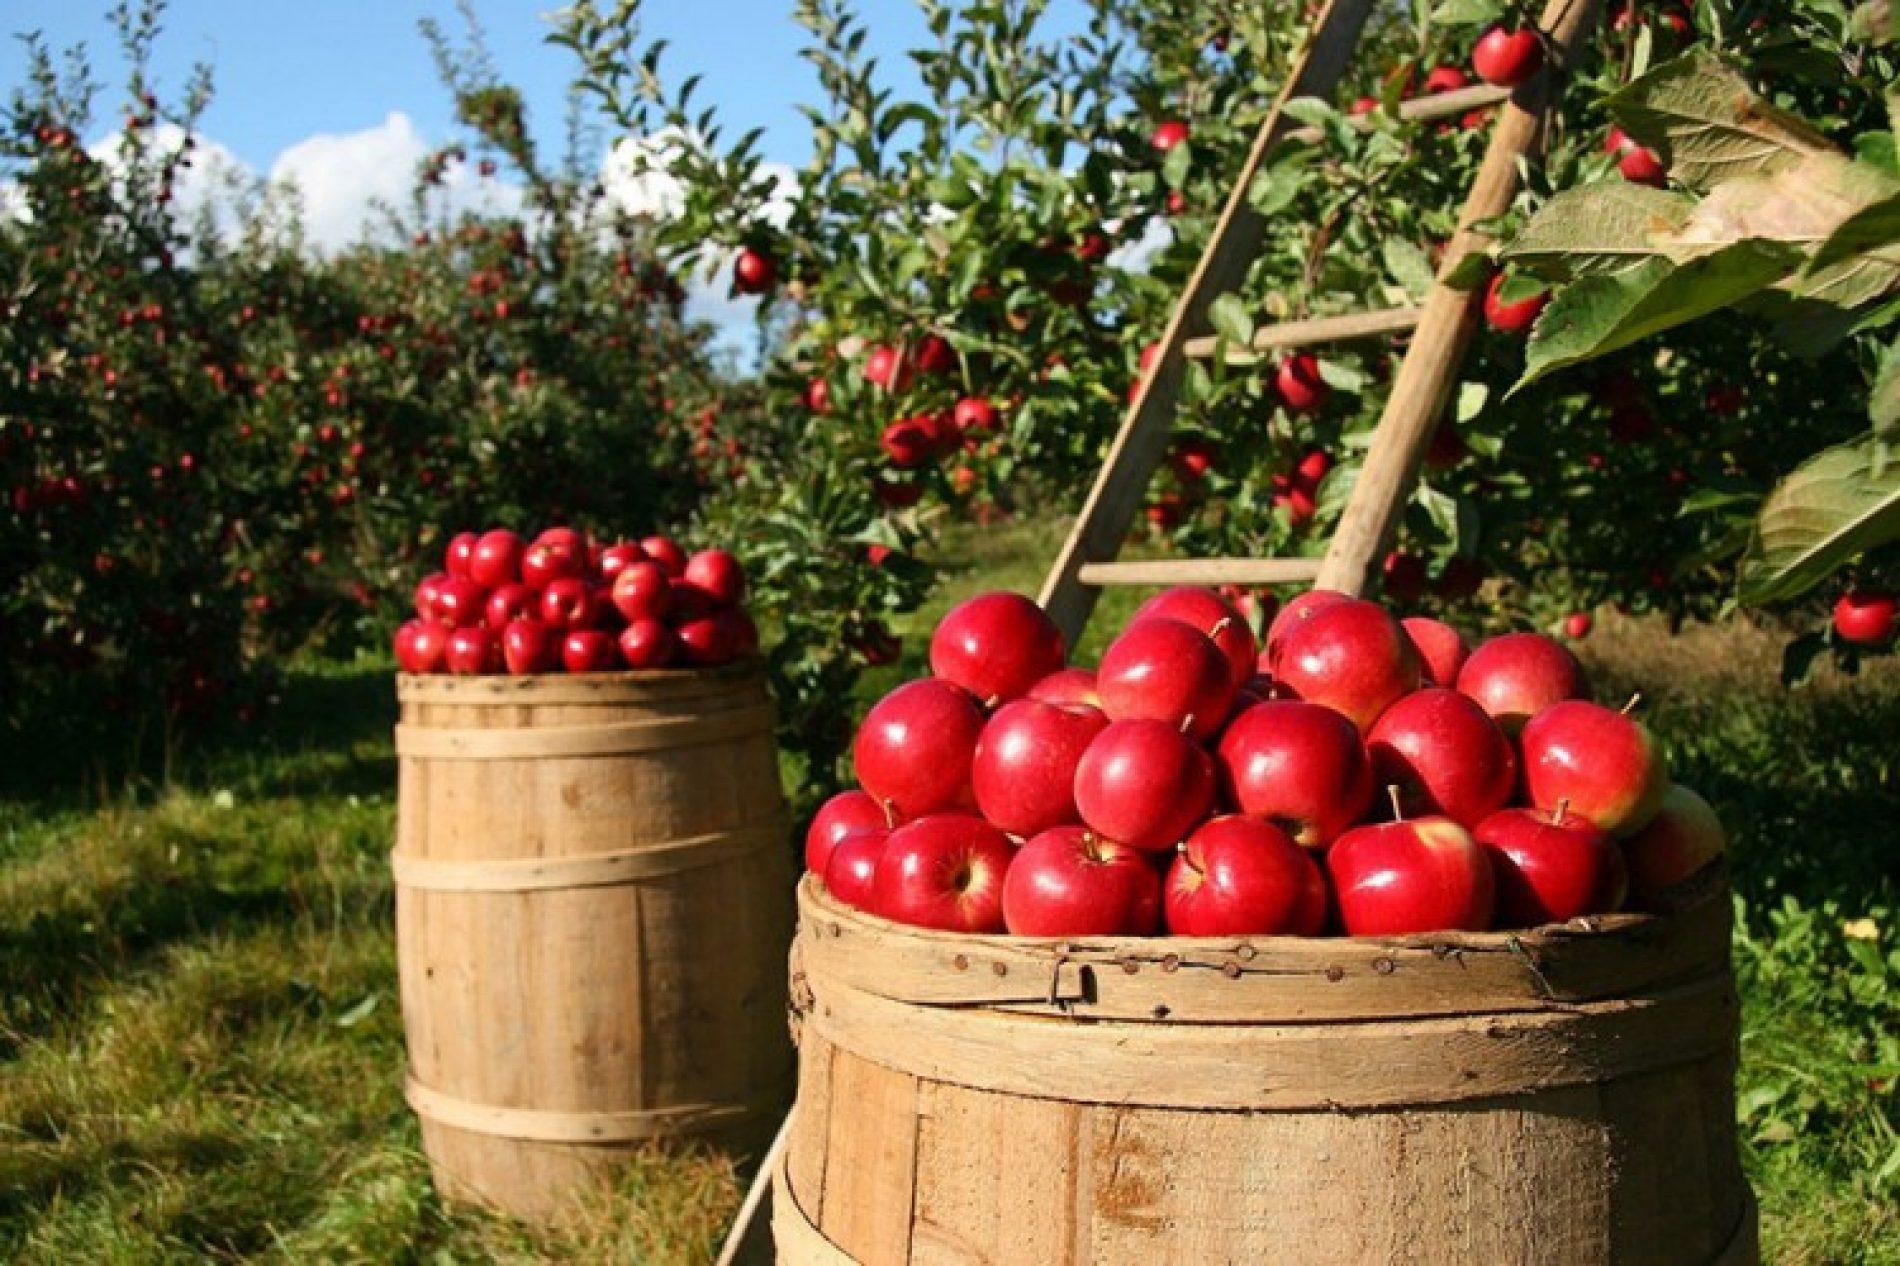 Za pola godine bosanski voćari u Rusiju izvezli 3,5 miliona kg jabuka